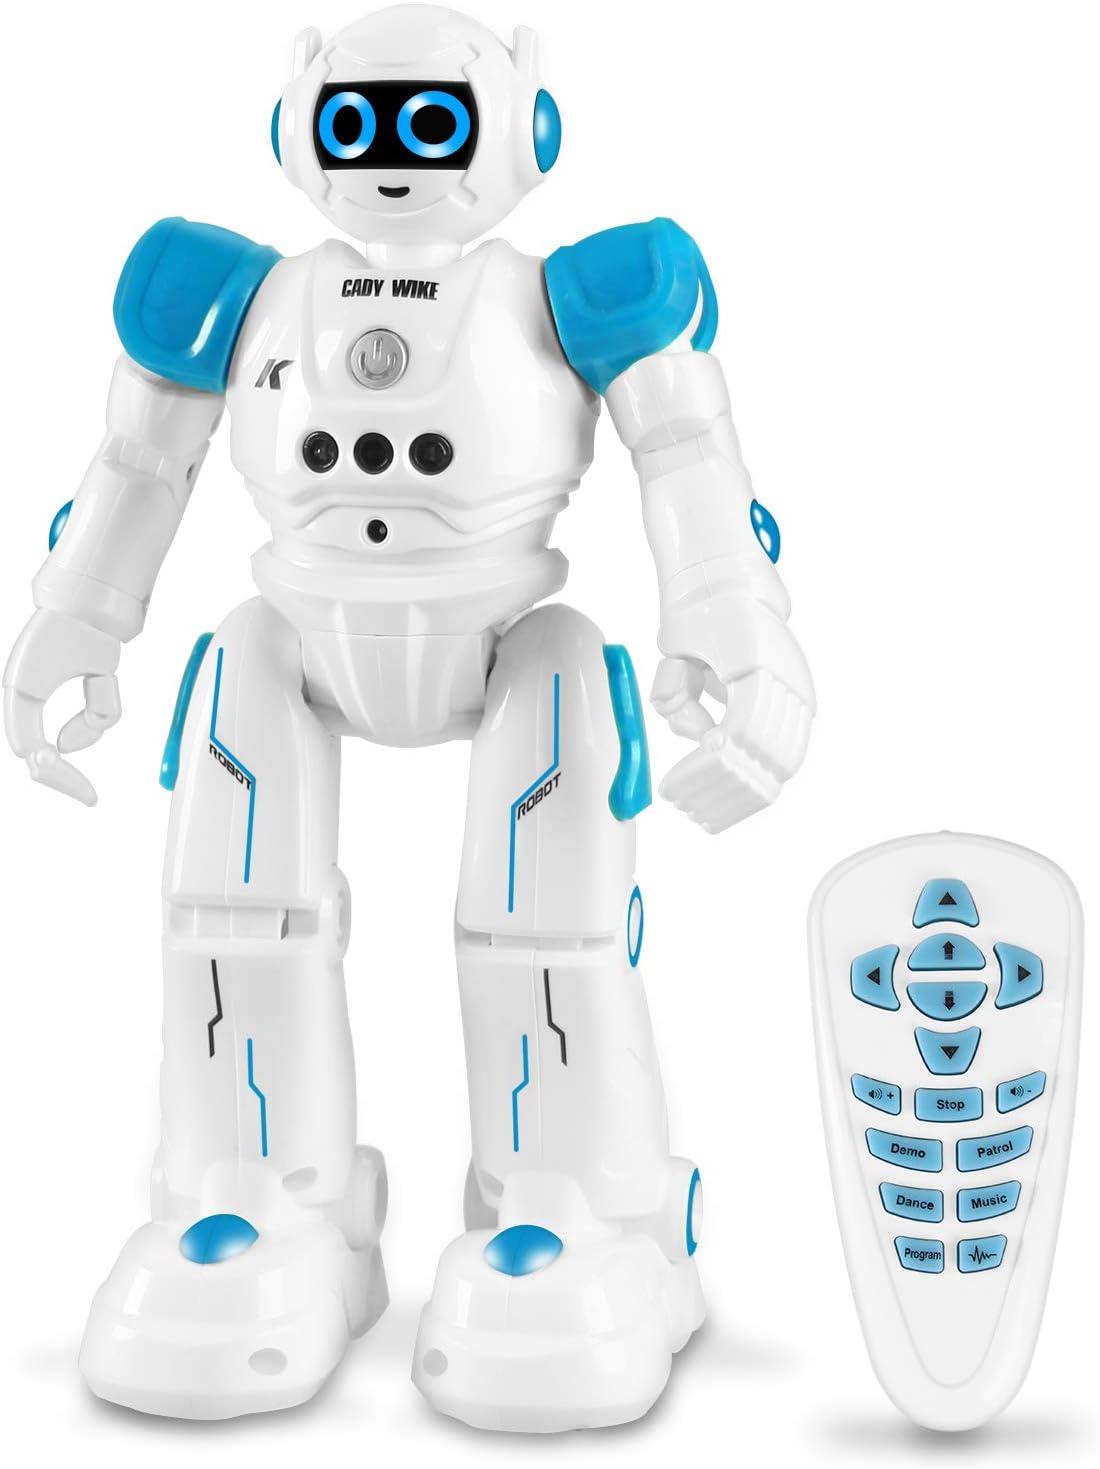 Robot de Juguete para Niños, Recargable Robots de Control Remoto para Niños de 3 a 7 Años, Inteligente Hablar (Solo en Inglés) Caminar Bailando Radiocontrol Robots de Codificación Regalo para Niños